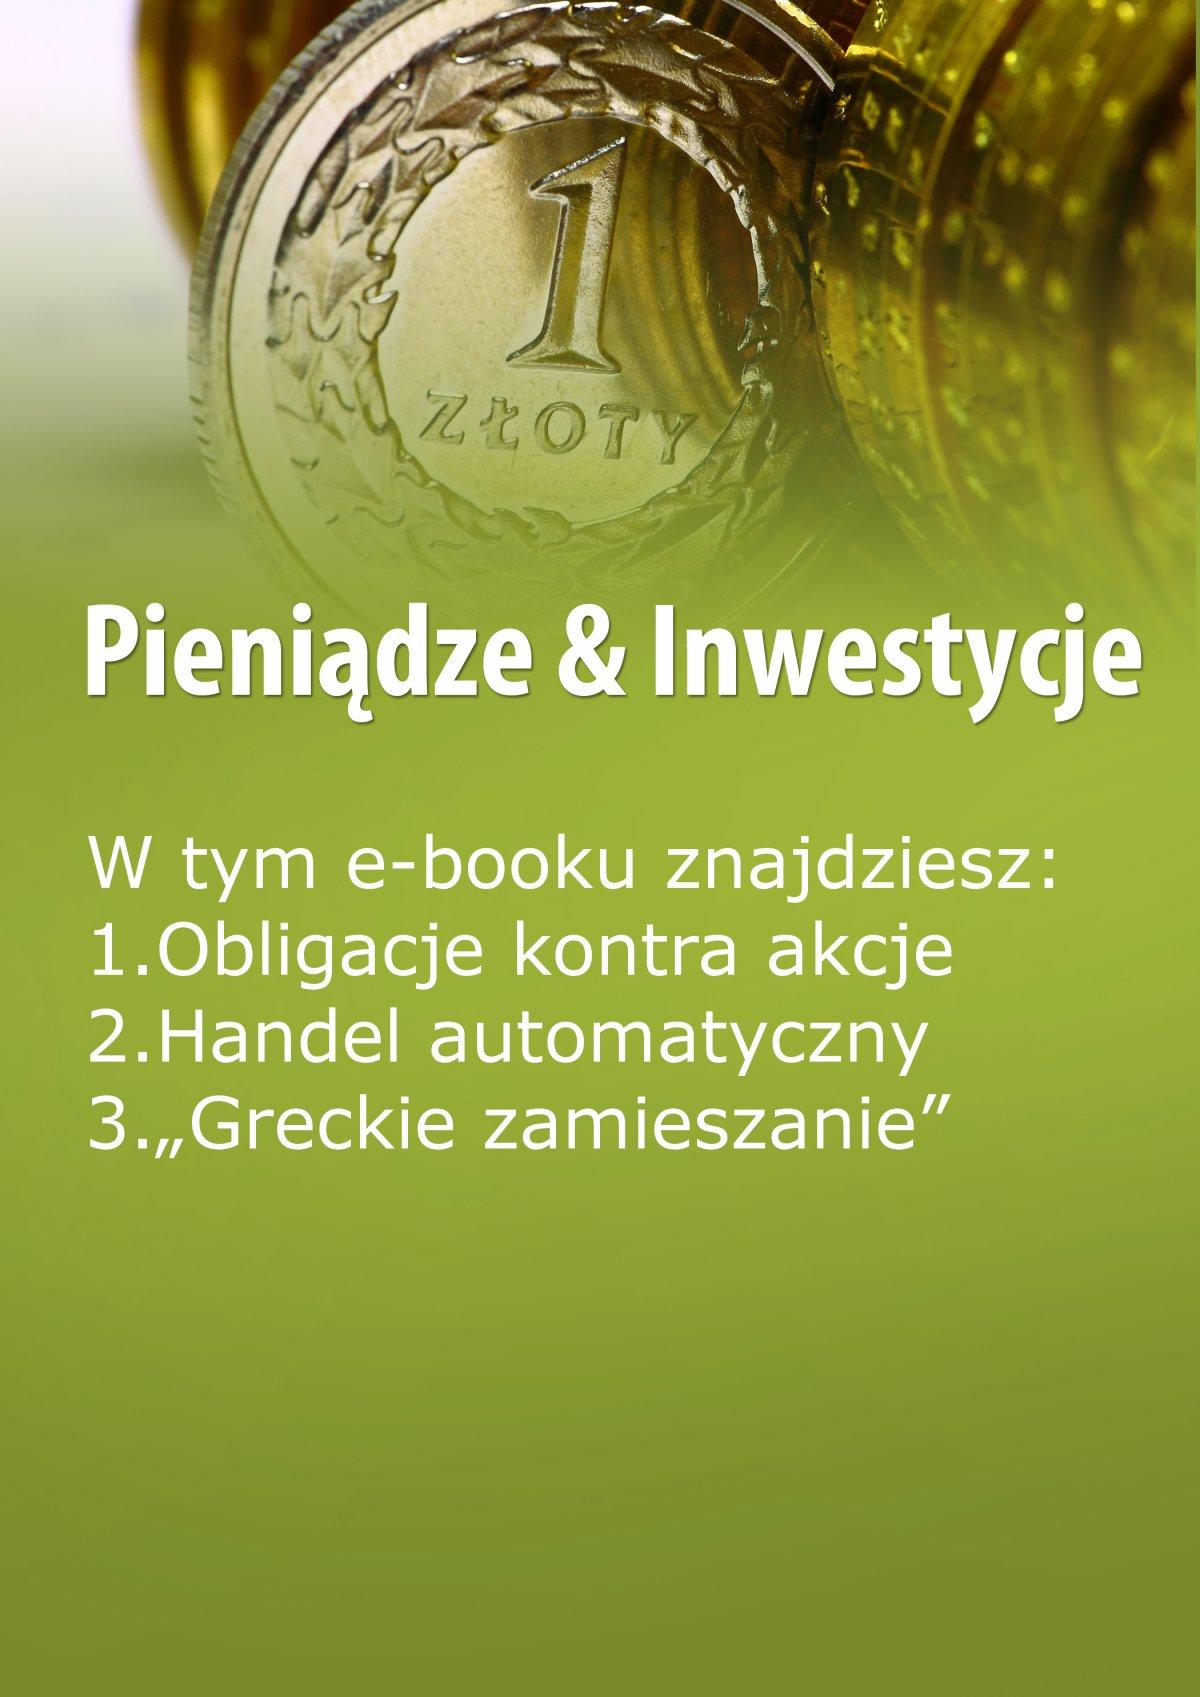 Pieniądze & Inwestycje, wydanie sierpień 2015 r. - Ebook (Książka na Kindle) do pobrania w formacie MOBI